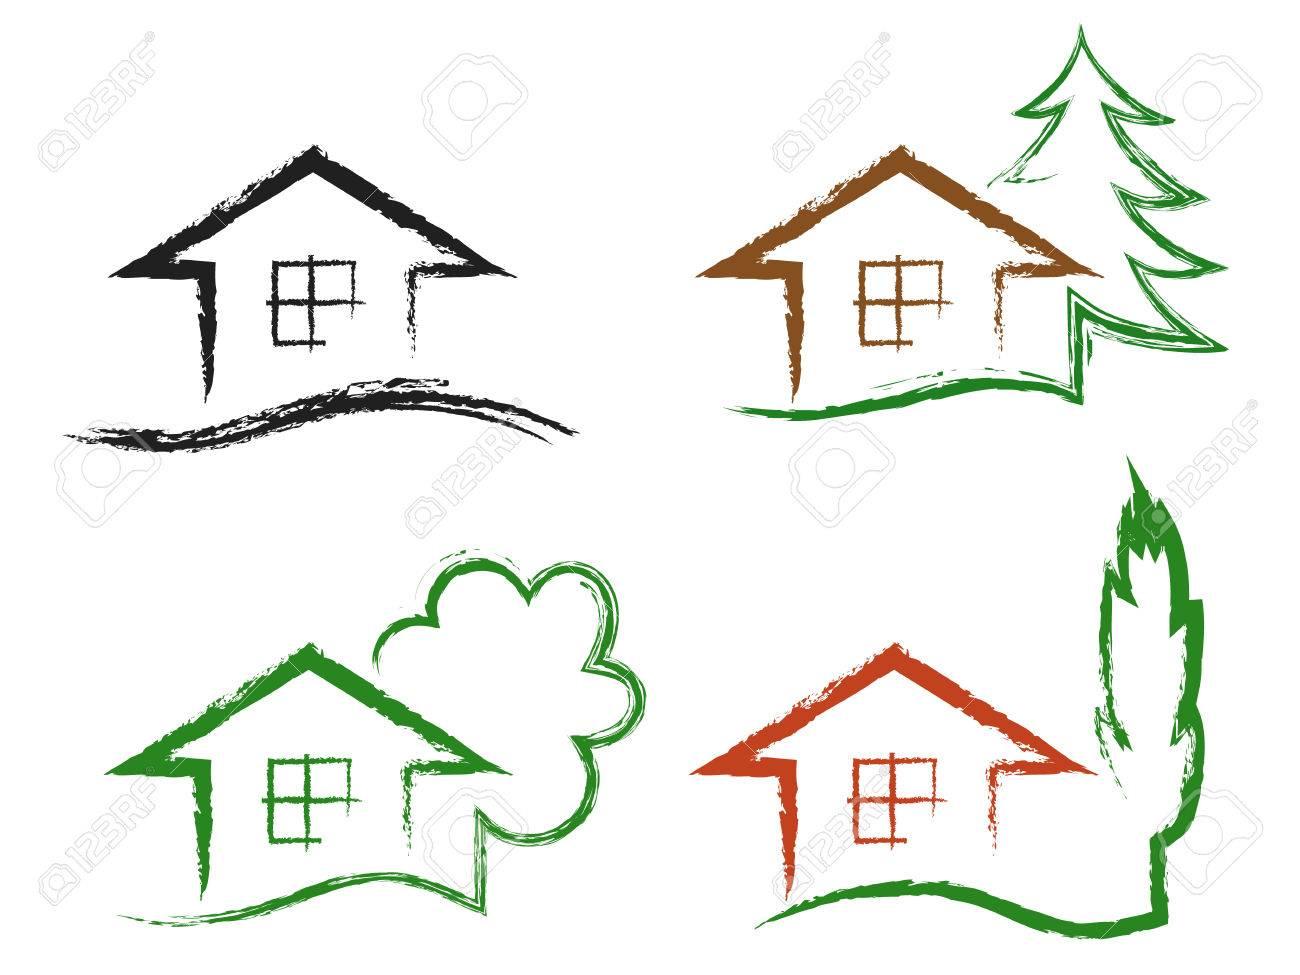 Banque dimages ensemble de quatre craie dessin icônes maison avec arbre isolé sur un fond blanc vecteur